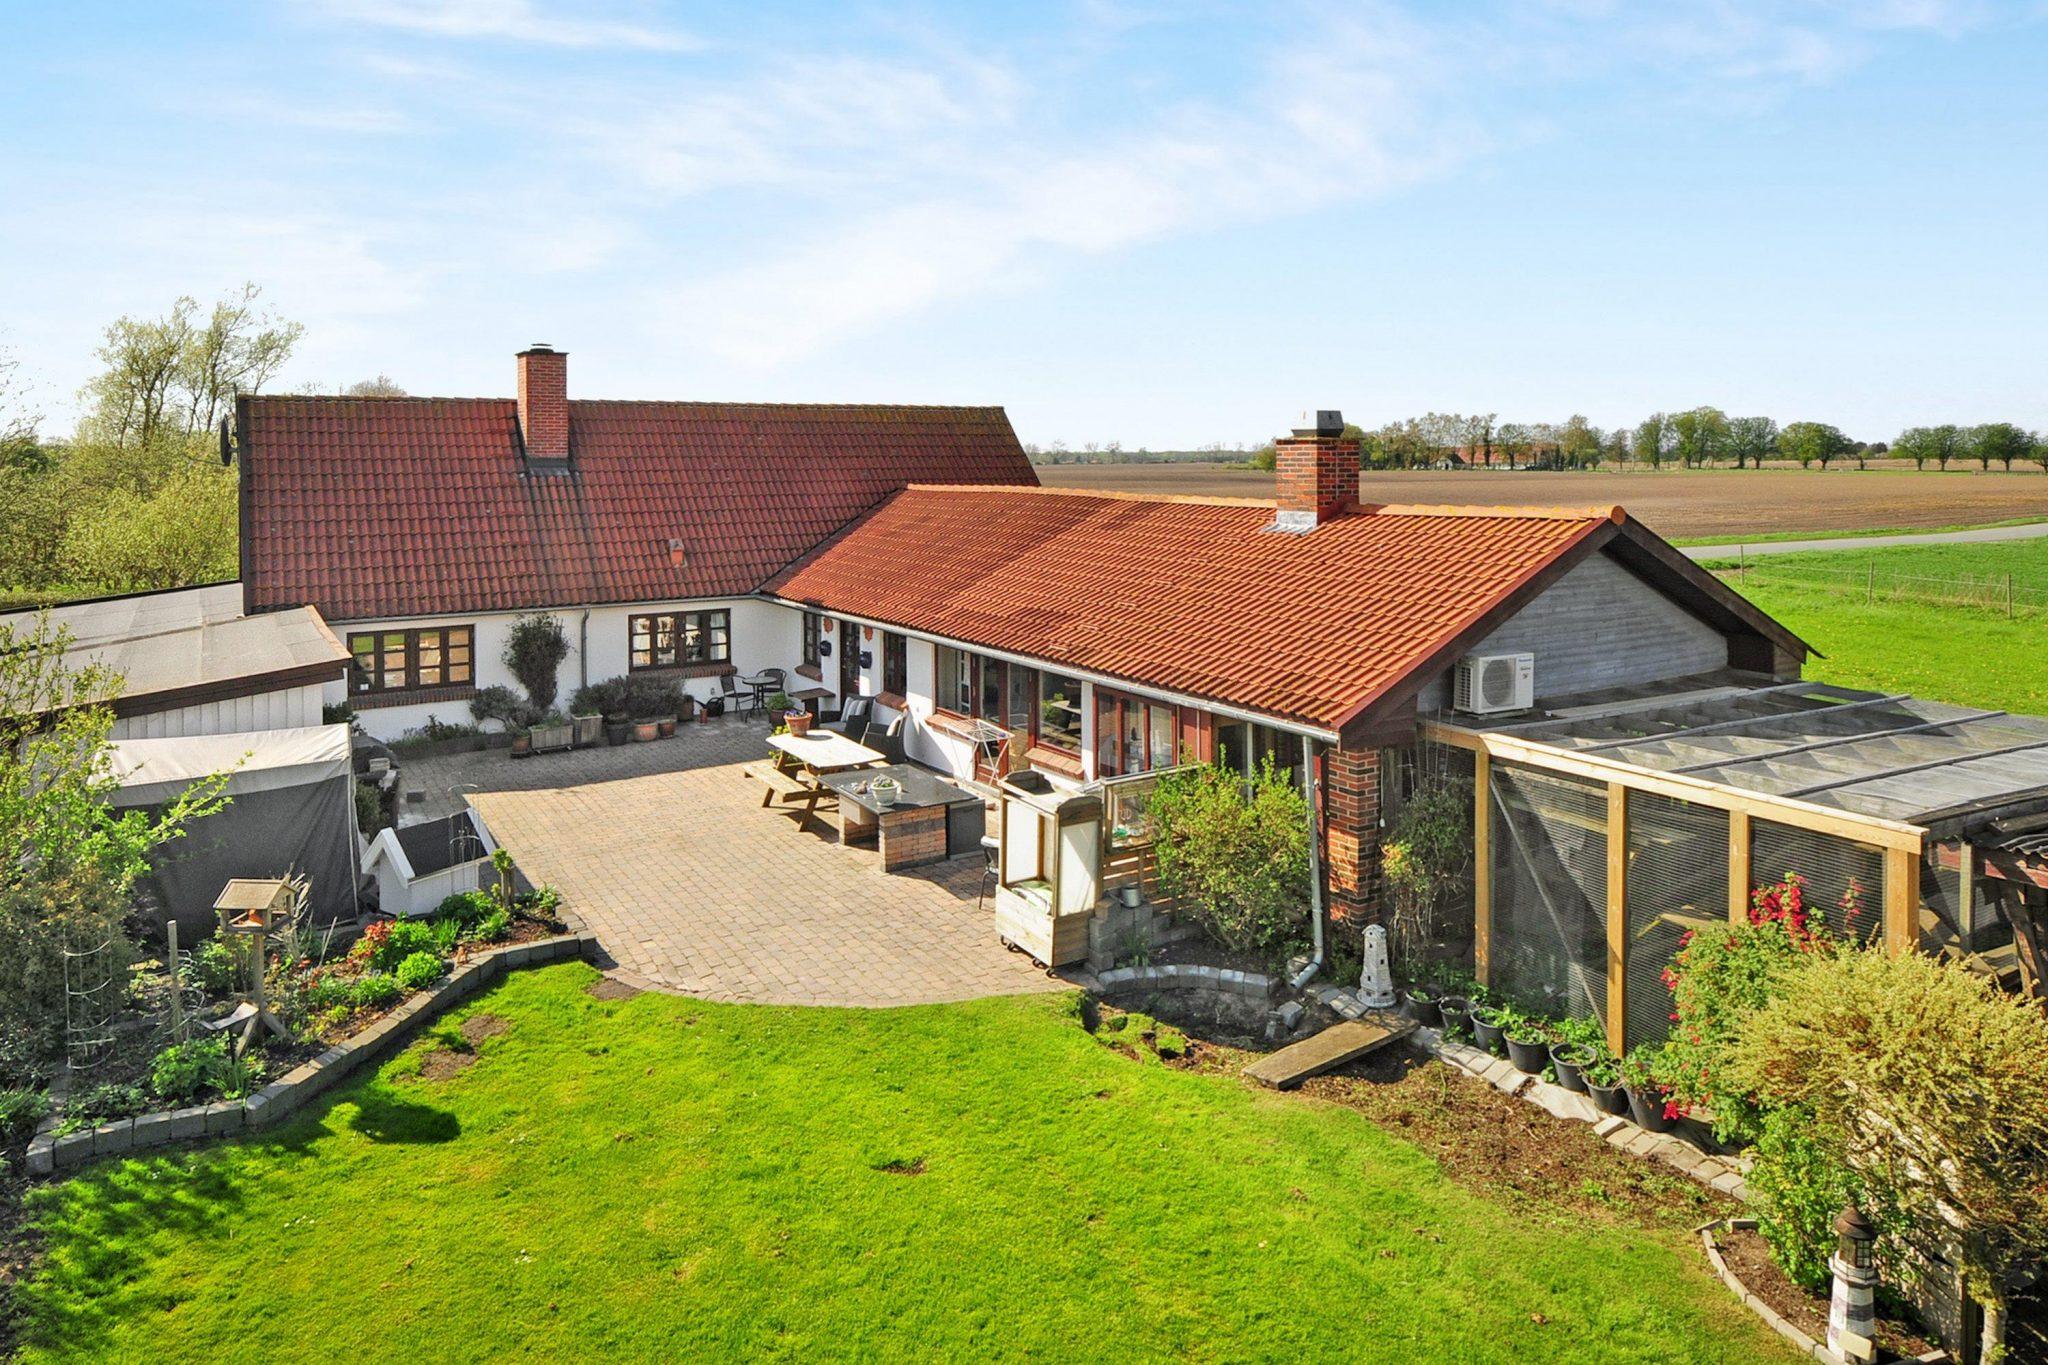 21111f2c Mægler skriver: Velkommen til denne skønne villa, der ligger i naturrige  omgivelser lidt